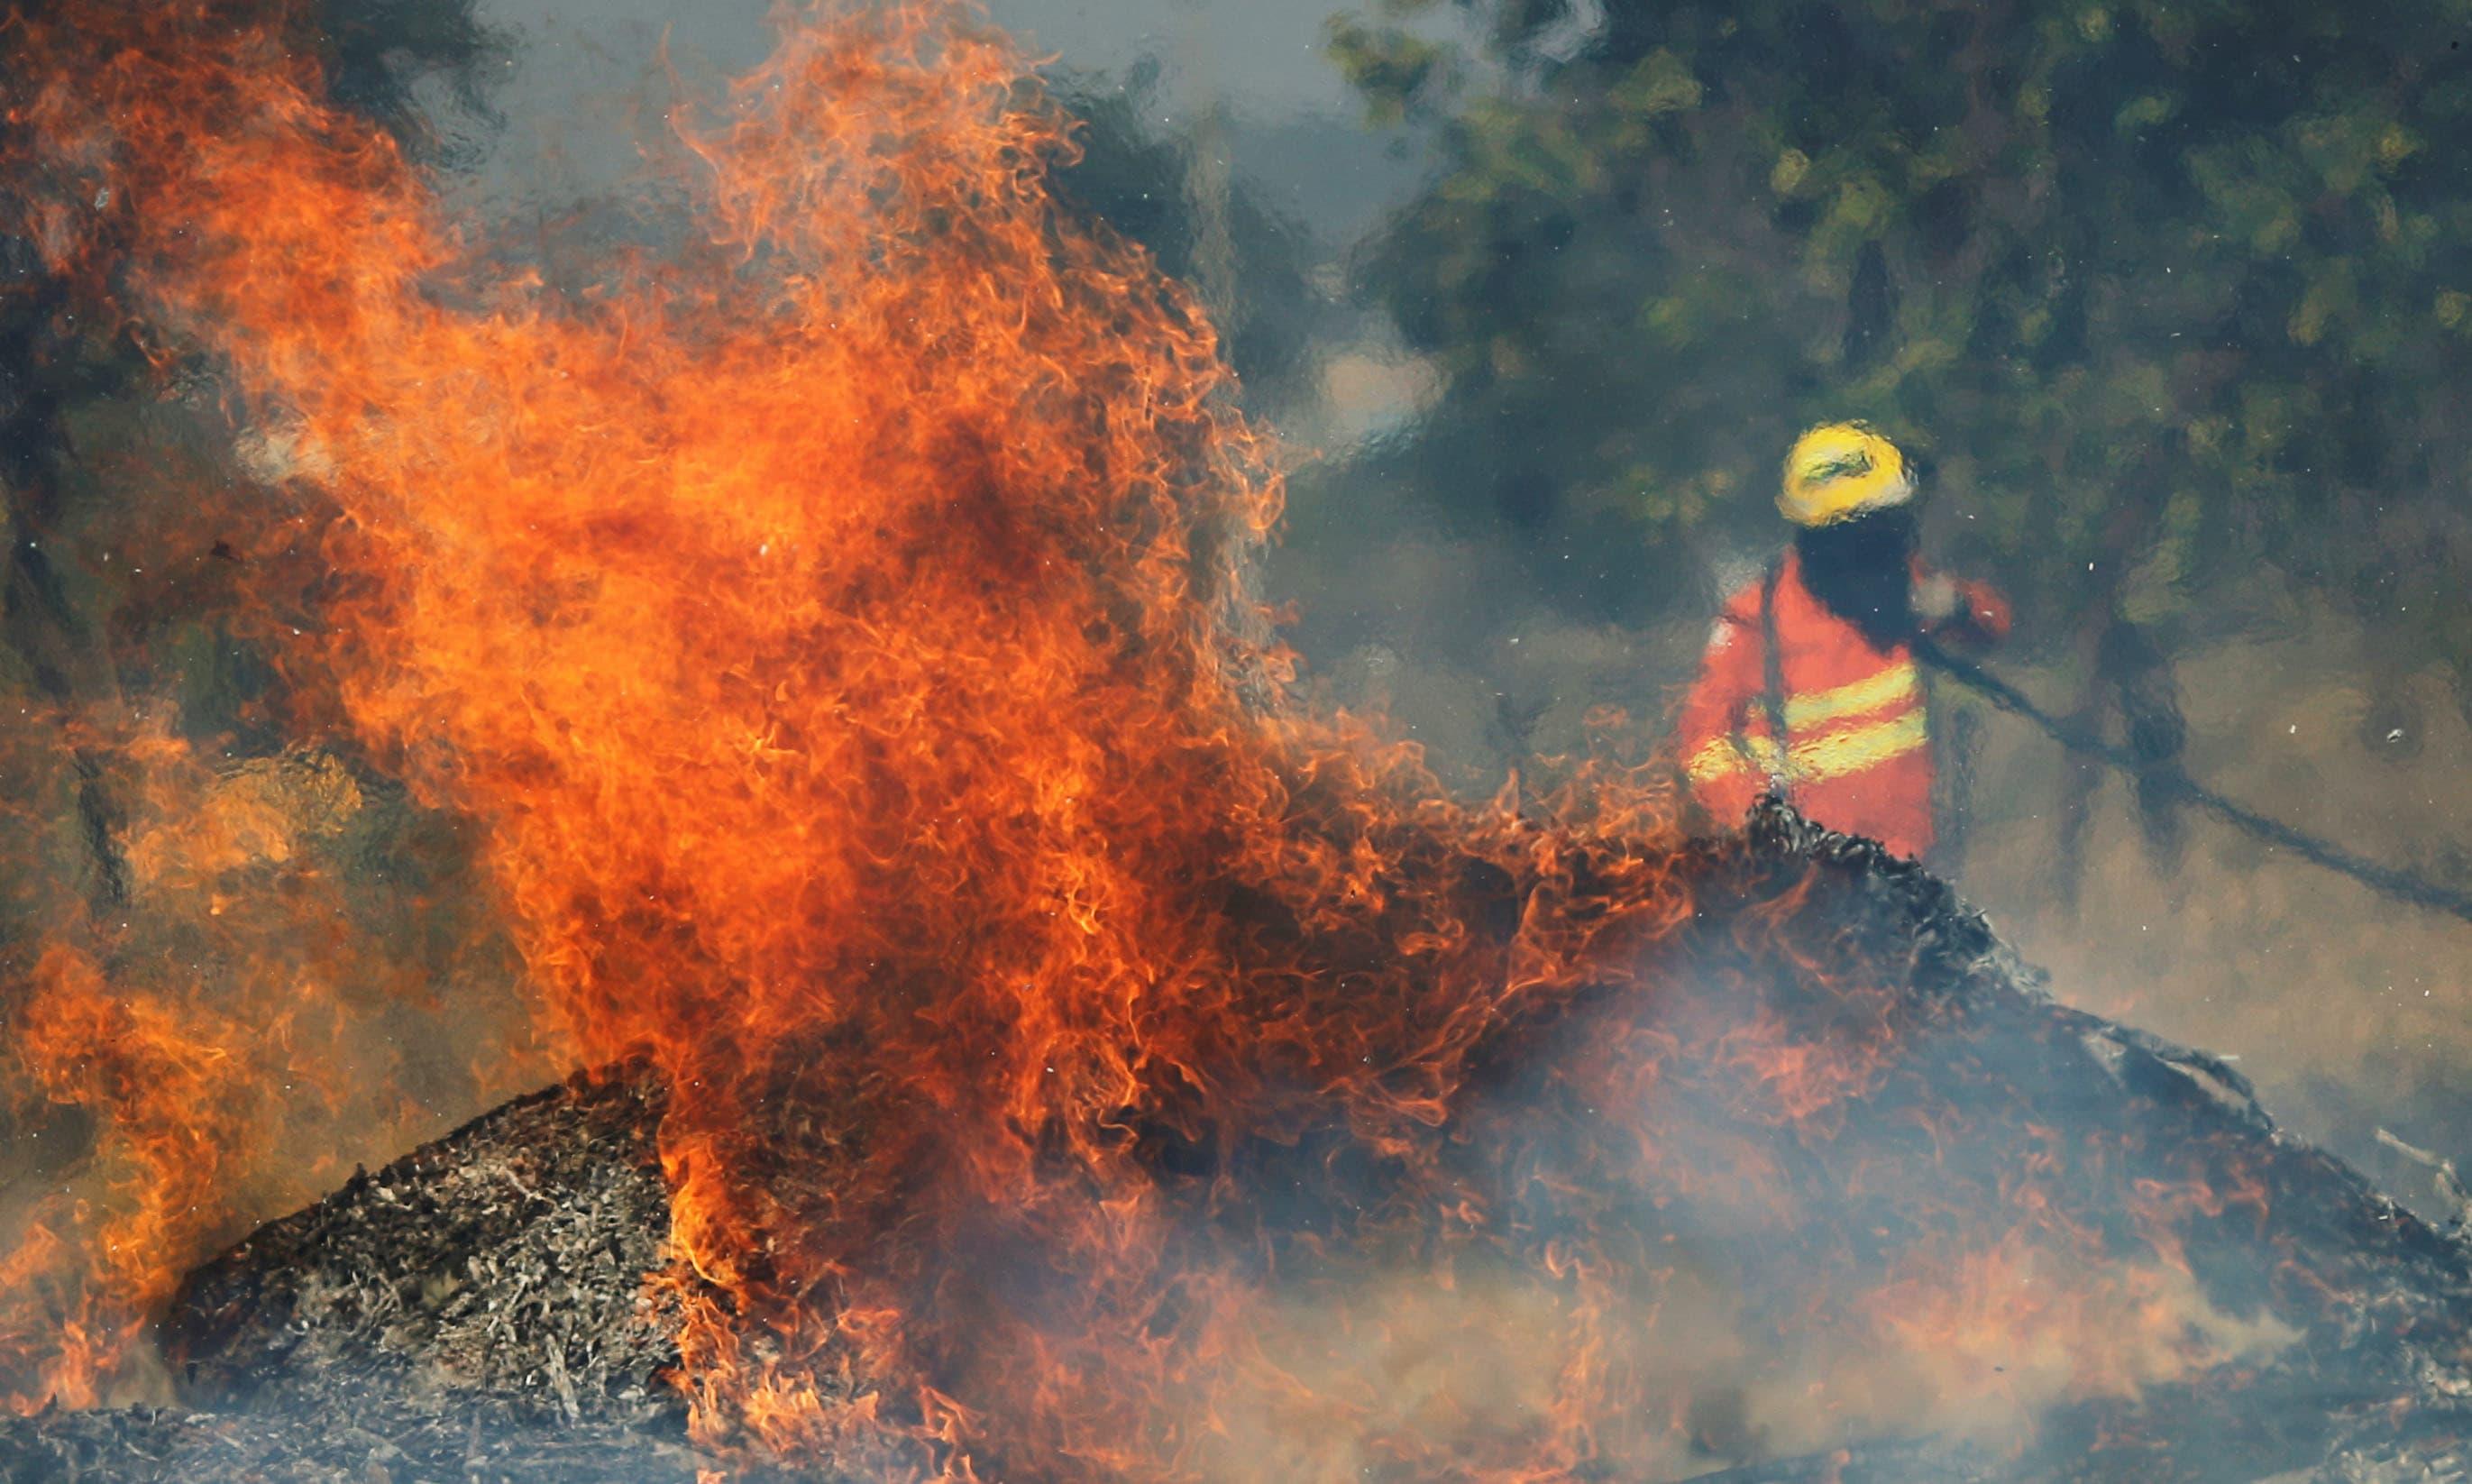 جولائی سے لگی آگ نے جنگل کے ایک بہت بڑے حصے کو جلا کر راکھ کردیا —فوٹو/ رائٹرز